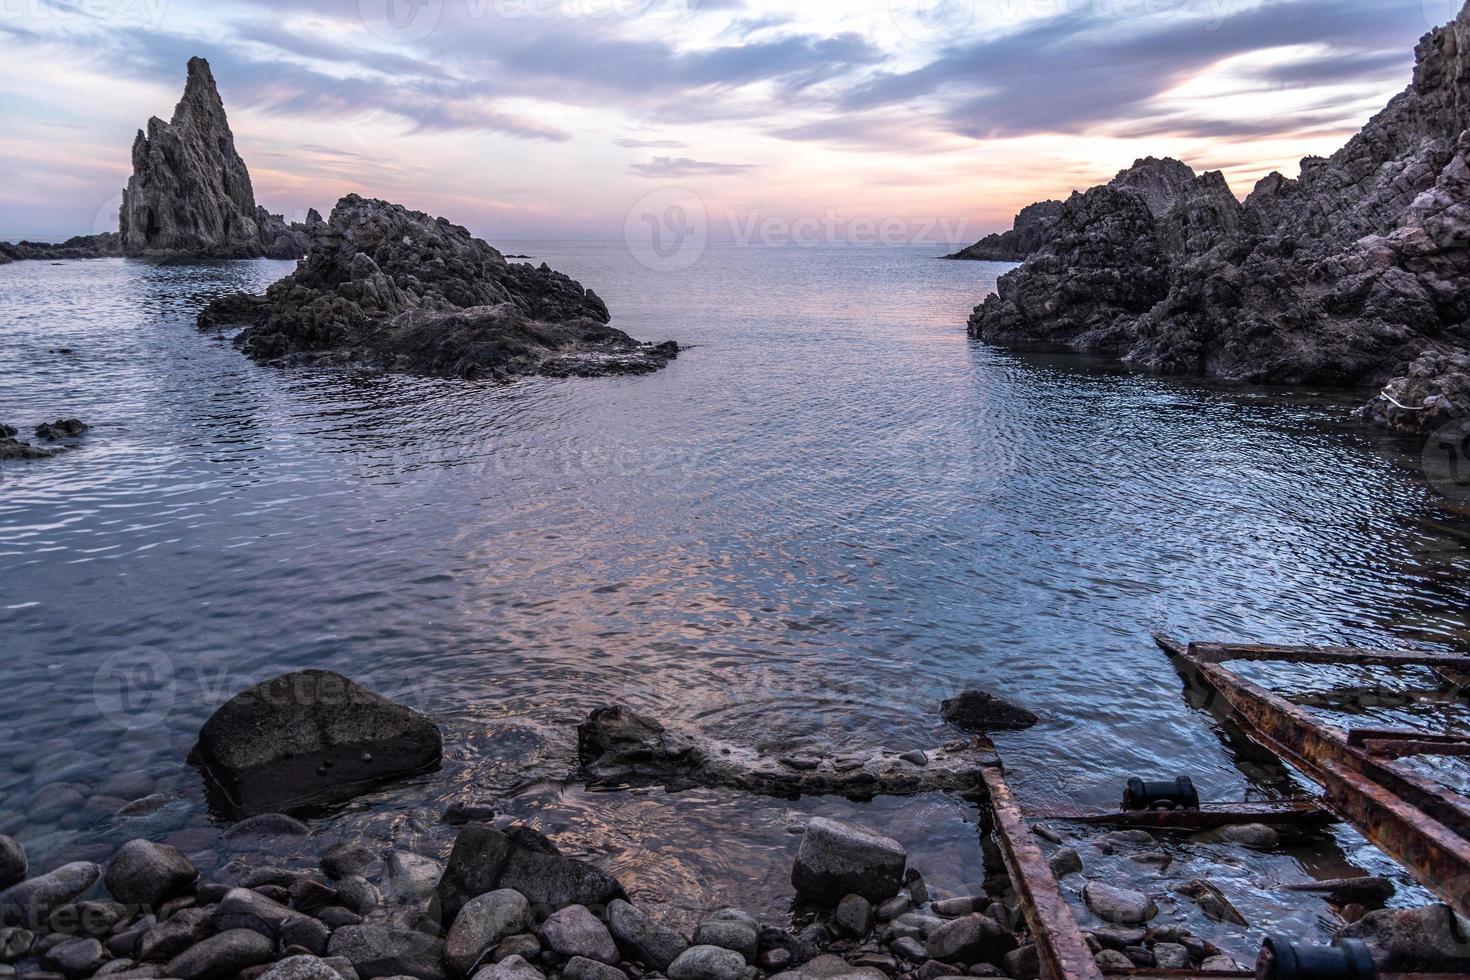 paisagem marítima do pôr do sol foto